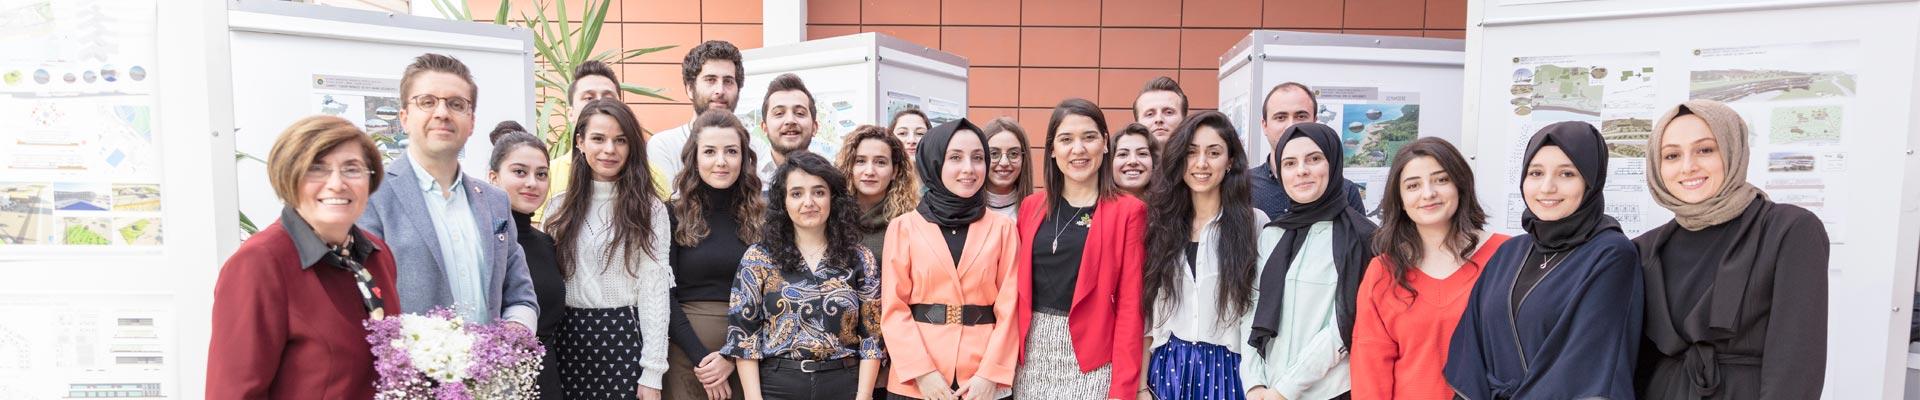 'Şarköy'de Doğadan Kazanılan Mimari Sergisi' Ziyarete Açıldı.